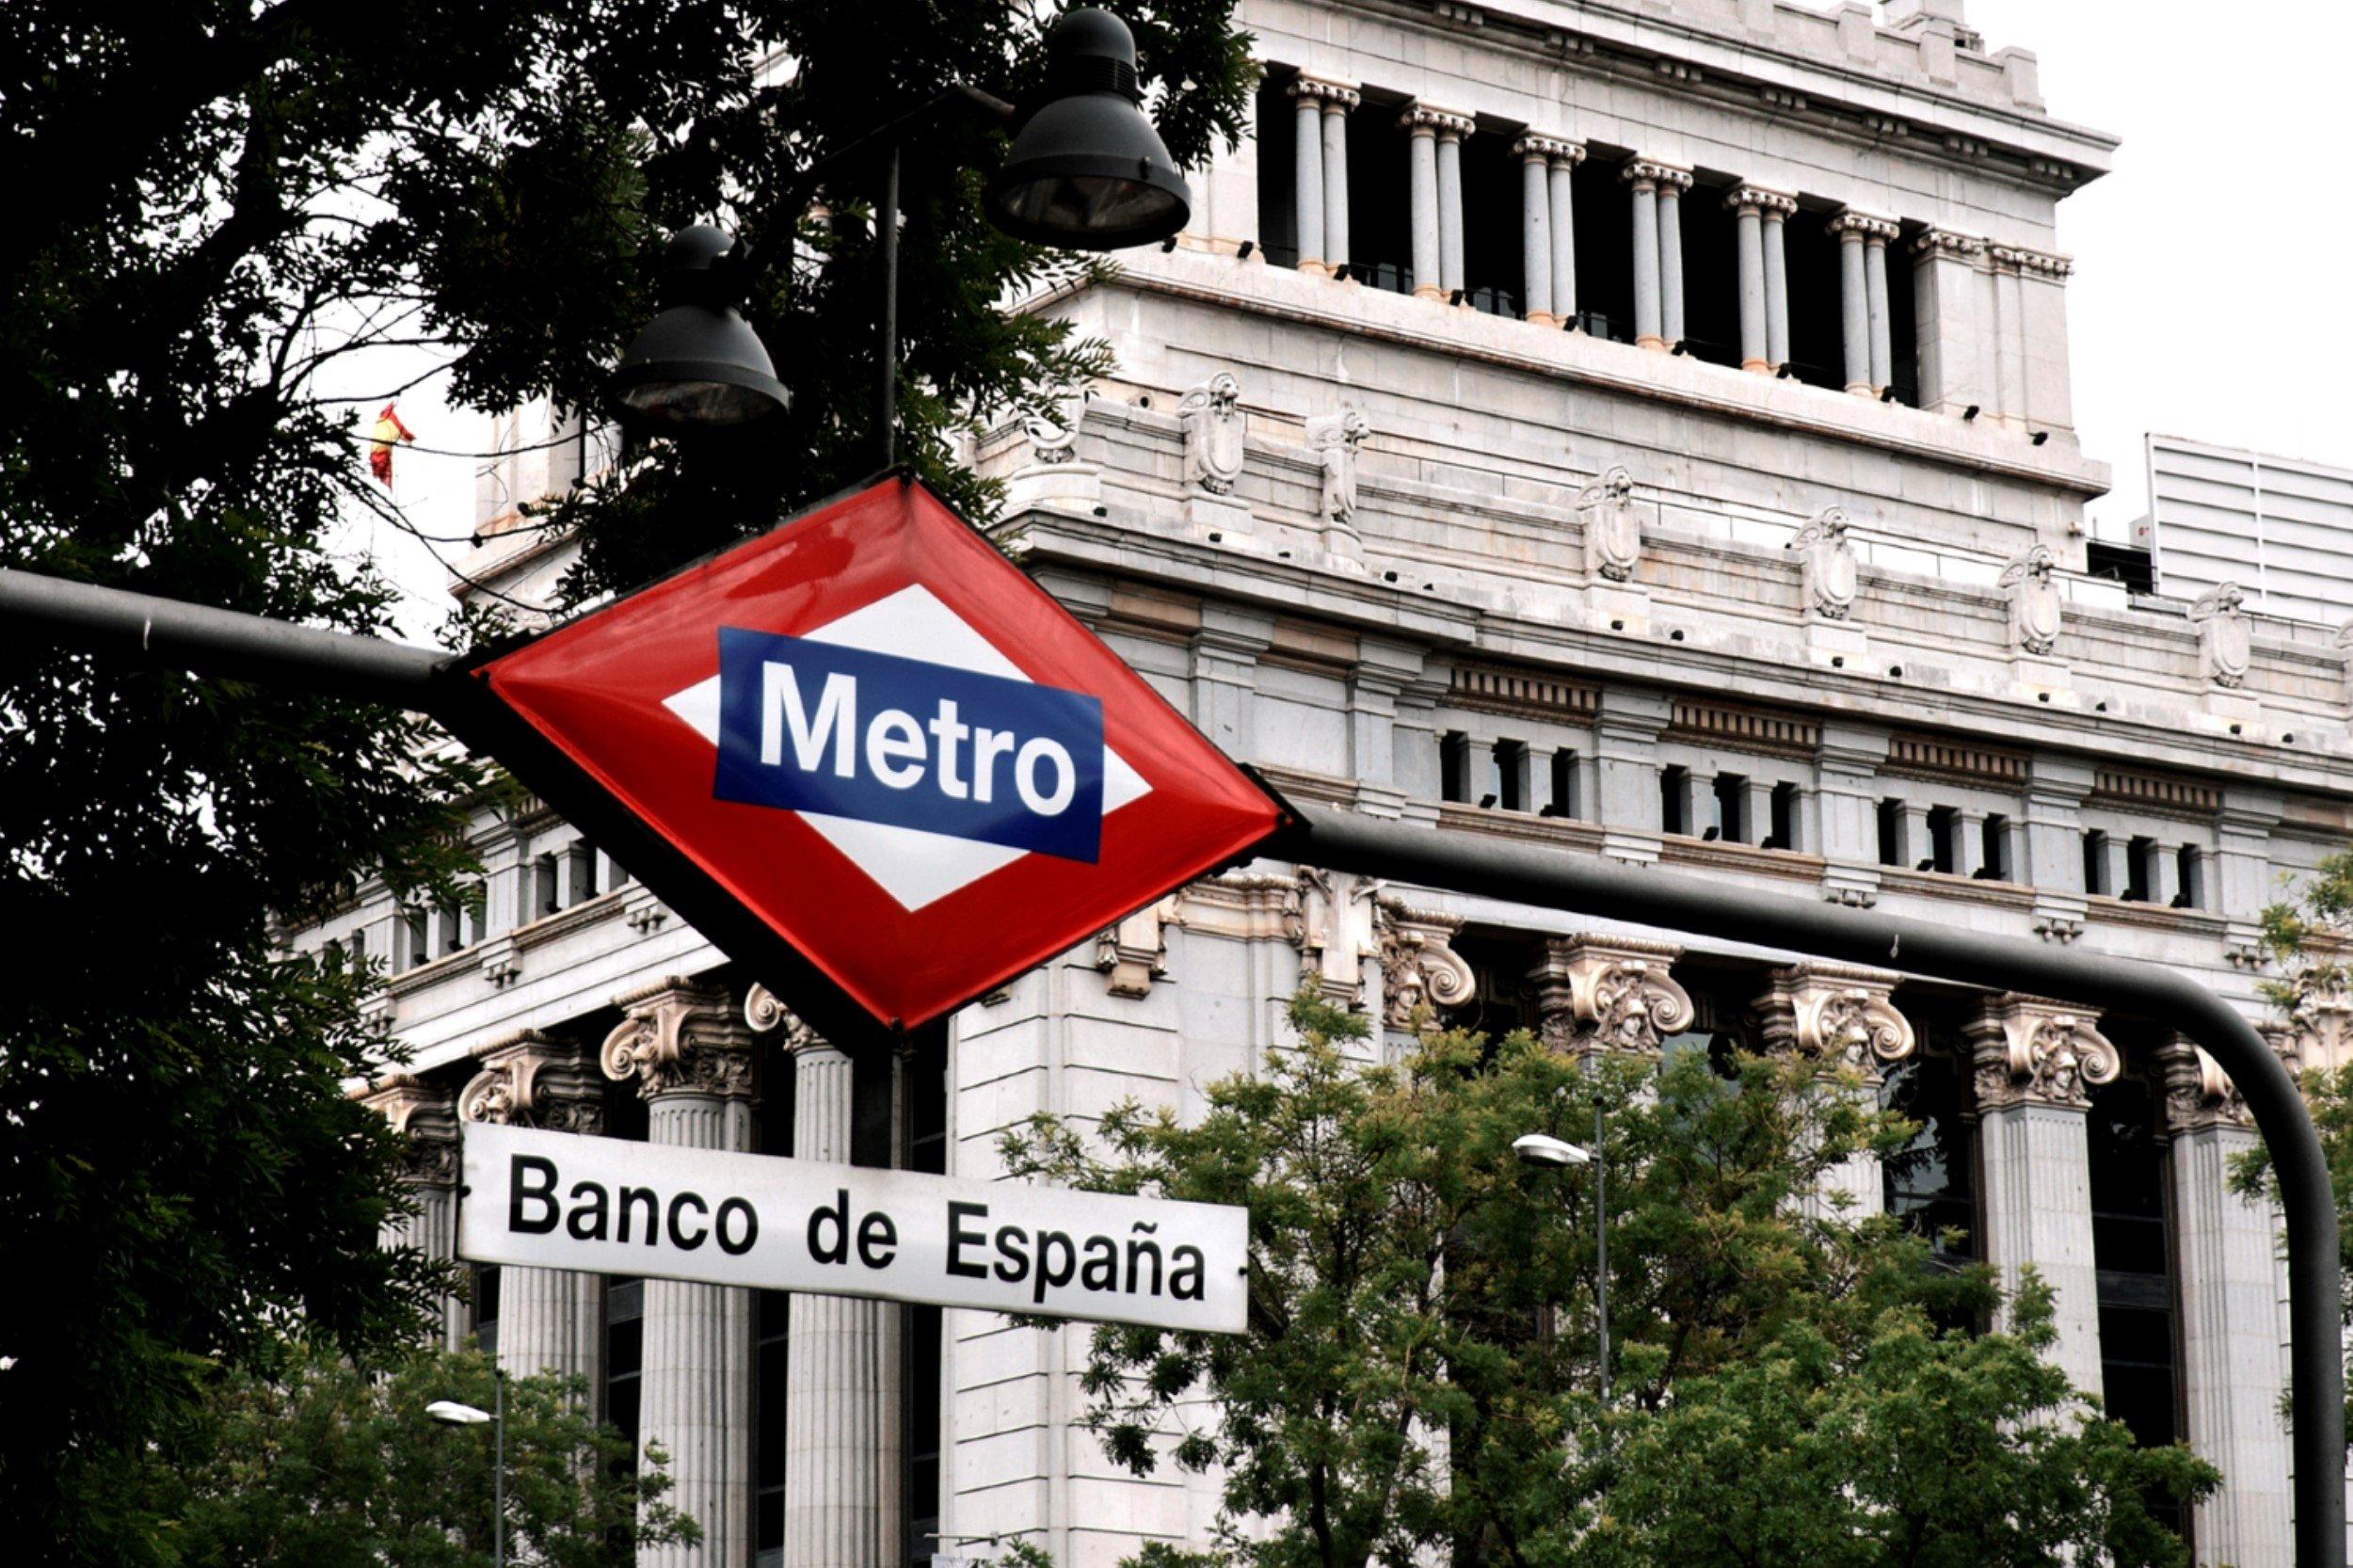 La decisión de Mario Draghi de no subir todavía los tipos de interés ha sentado muy mal en los banqueros españoles